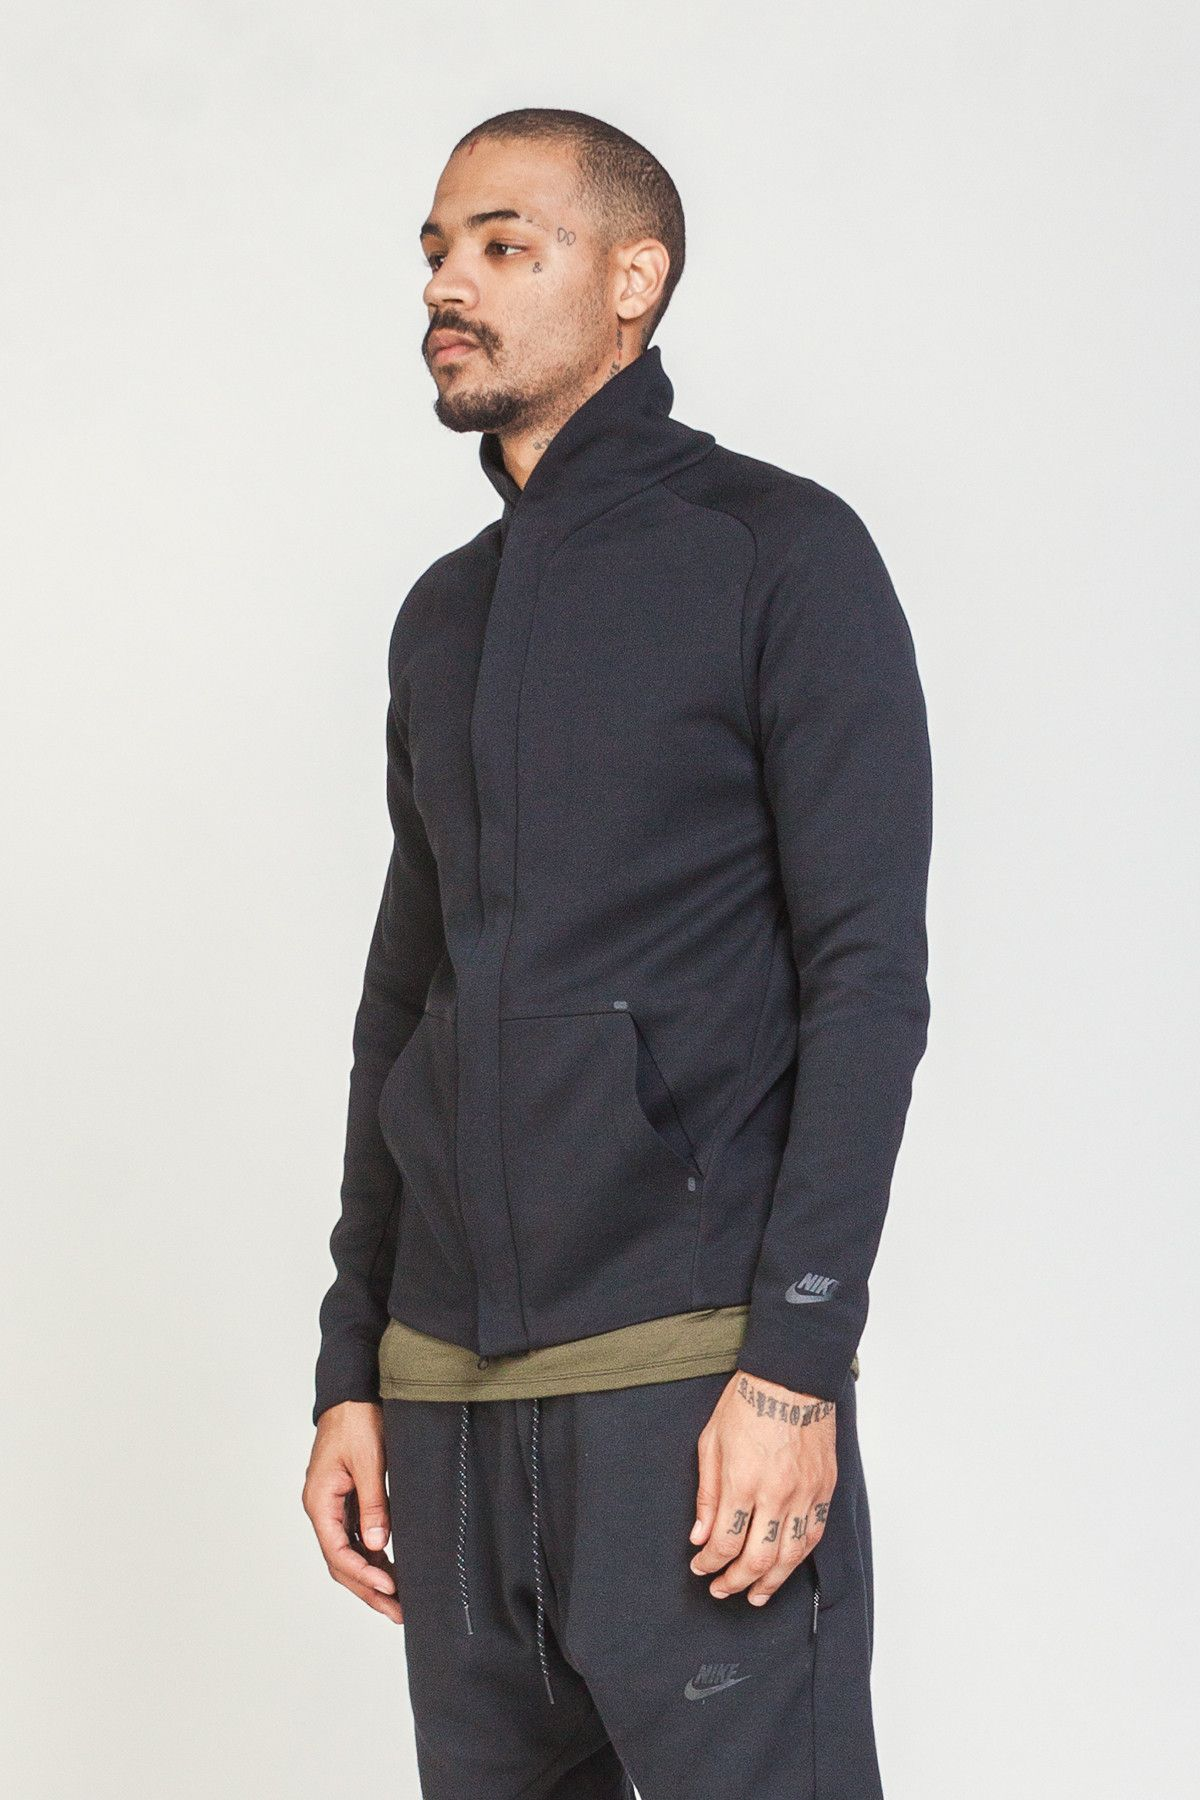 Nike Sportswear Tech Fleece Jacket Black Long sleeve